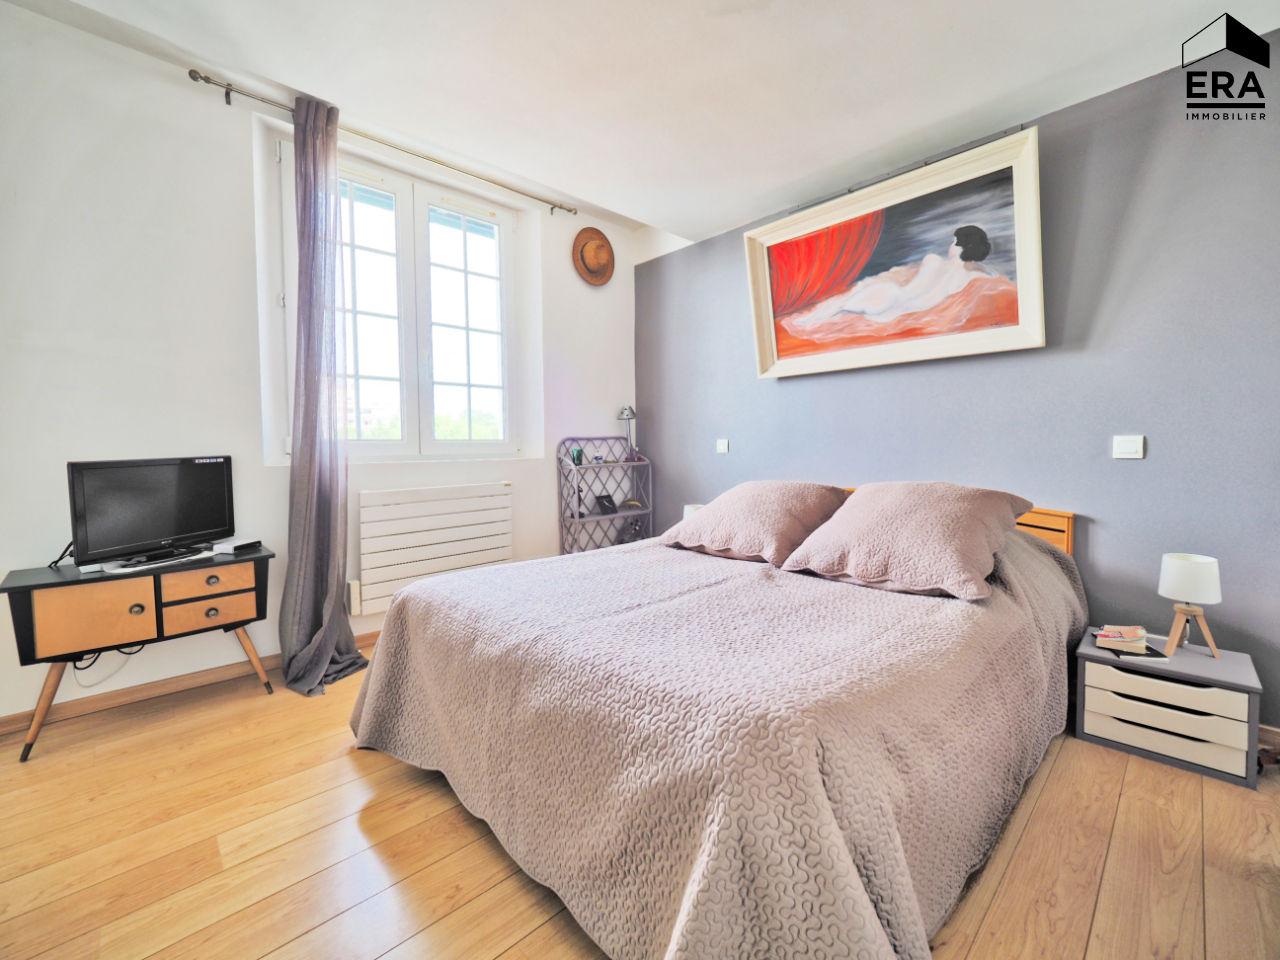 Vente appartement T3  à CIBOURE - 7